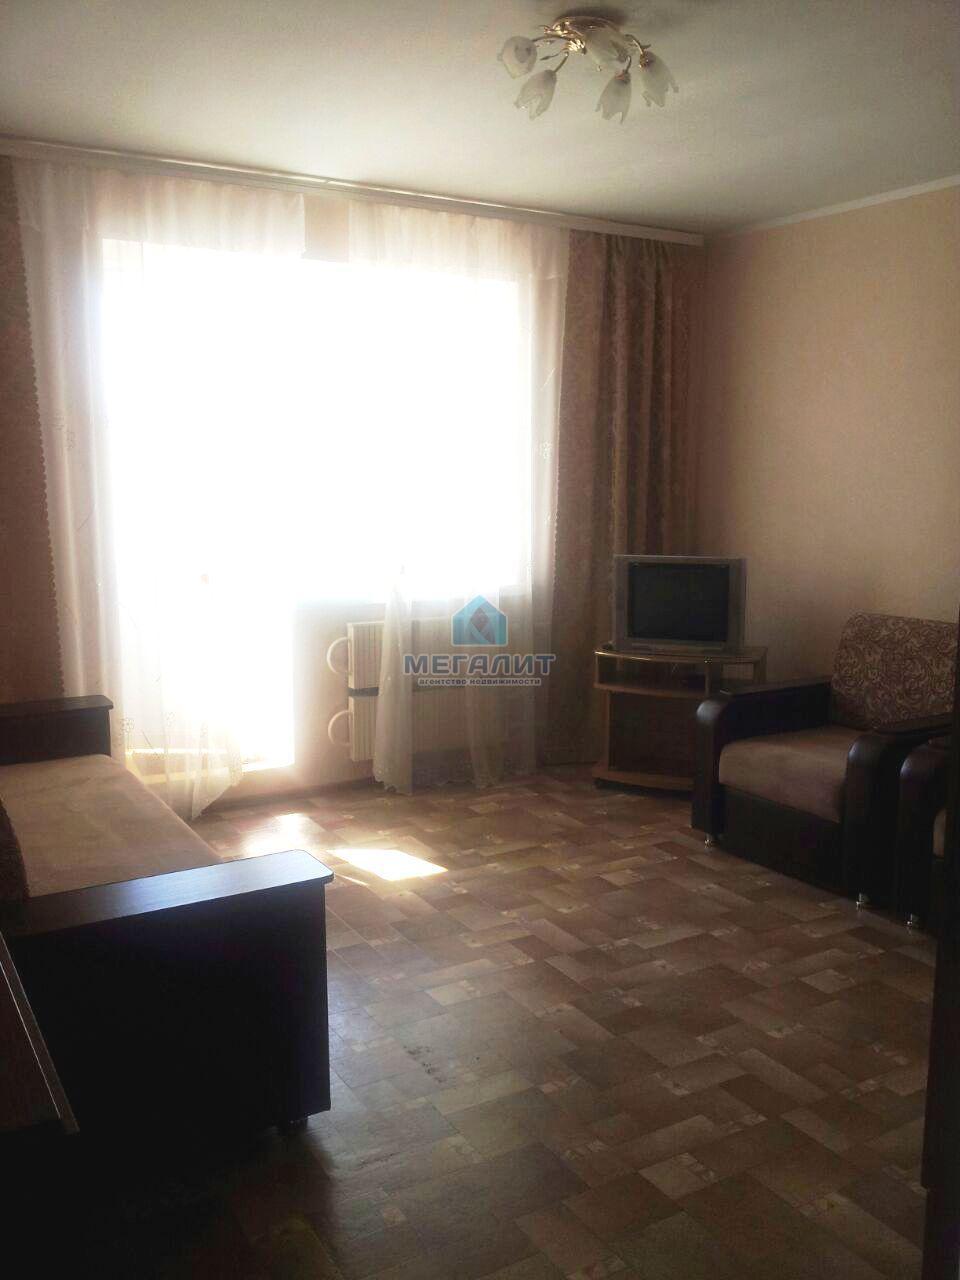 Аренда 2-к квартиры Академика Губкина 30в, 56 м²  (миниатюра №1)